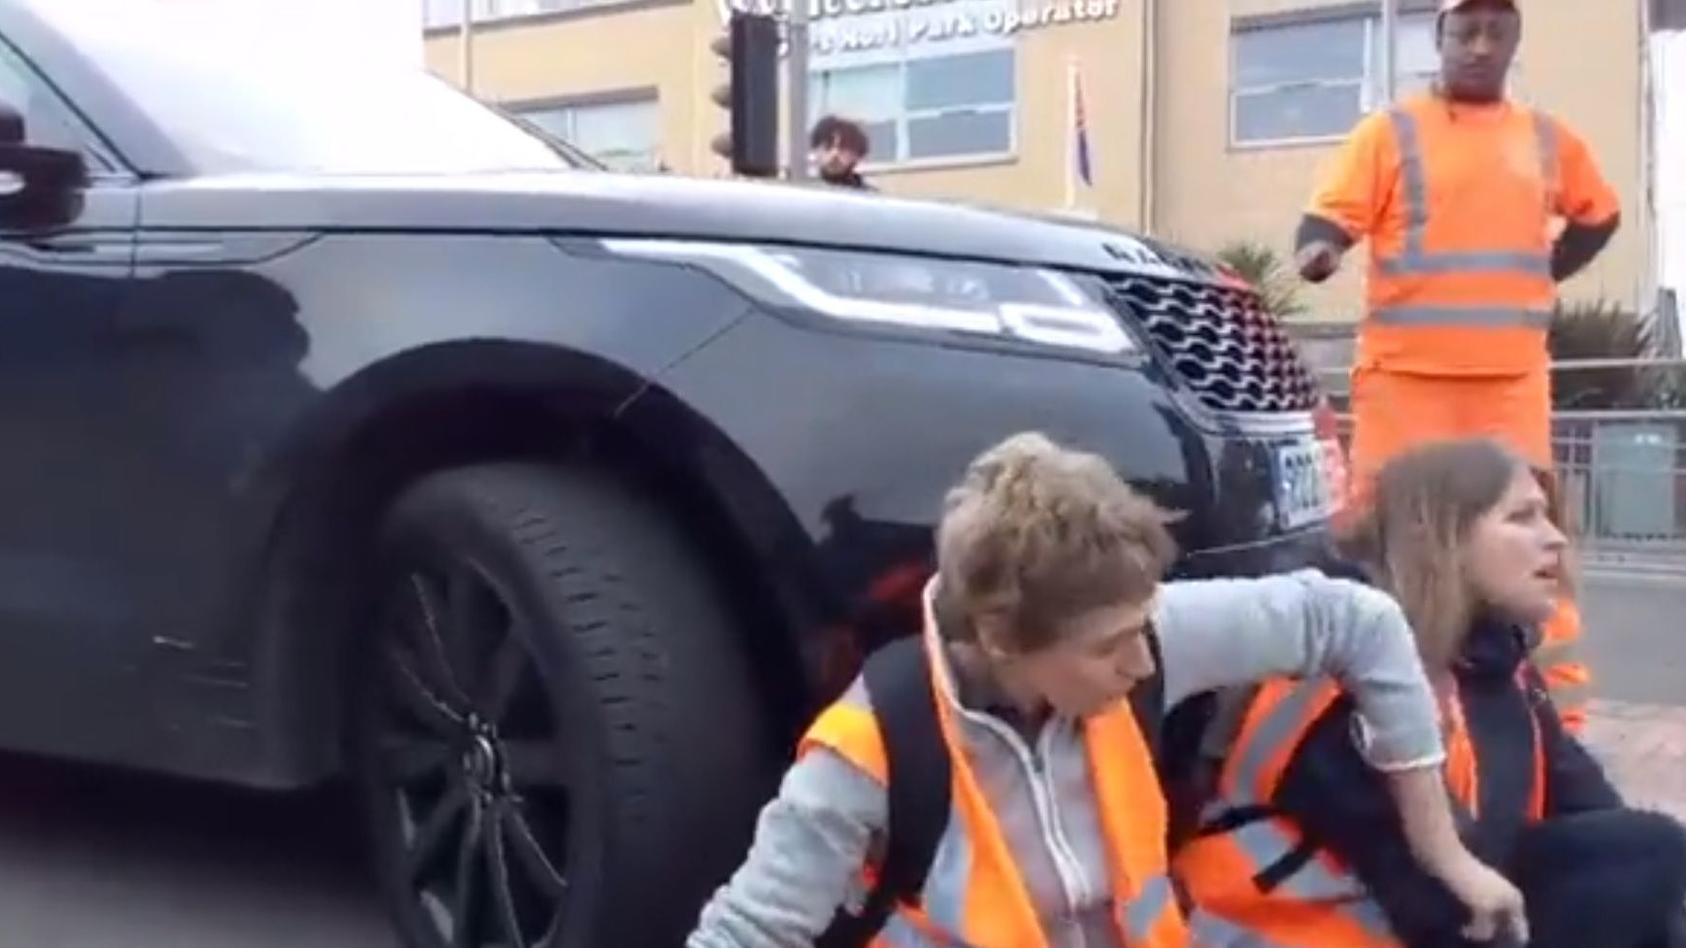 ausraster-auf-klima-demo-mama-schiebt-aktivisten-mit-auto-weg